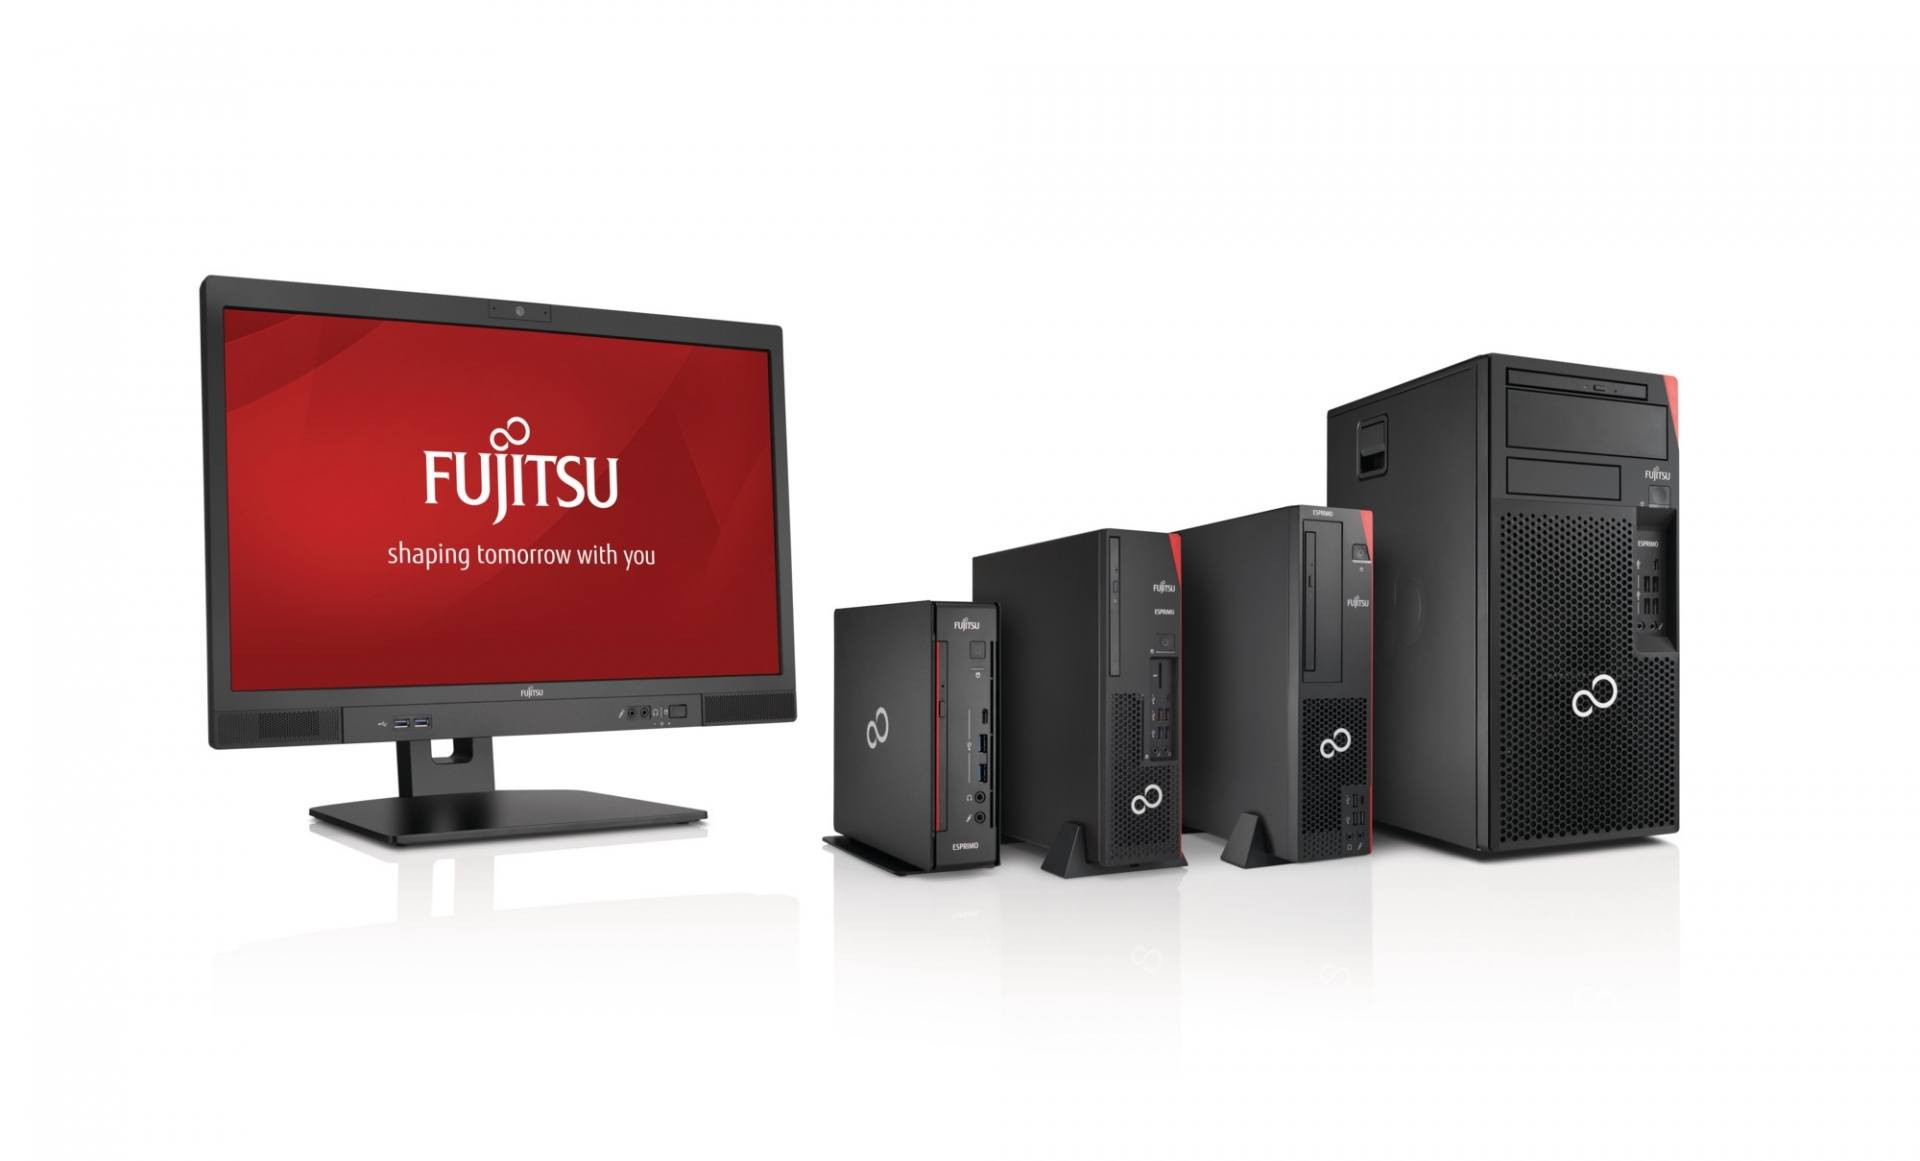 SGH prodaja Fujitsu ESPRIMO PC, mini PC, namizni računalniki, desktop, grafične postaje, delovne postaje, Nvidia Quadro, GV100, RTX, Pro WX